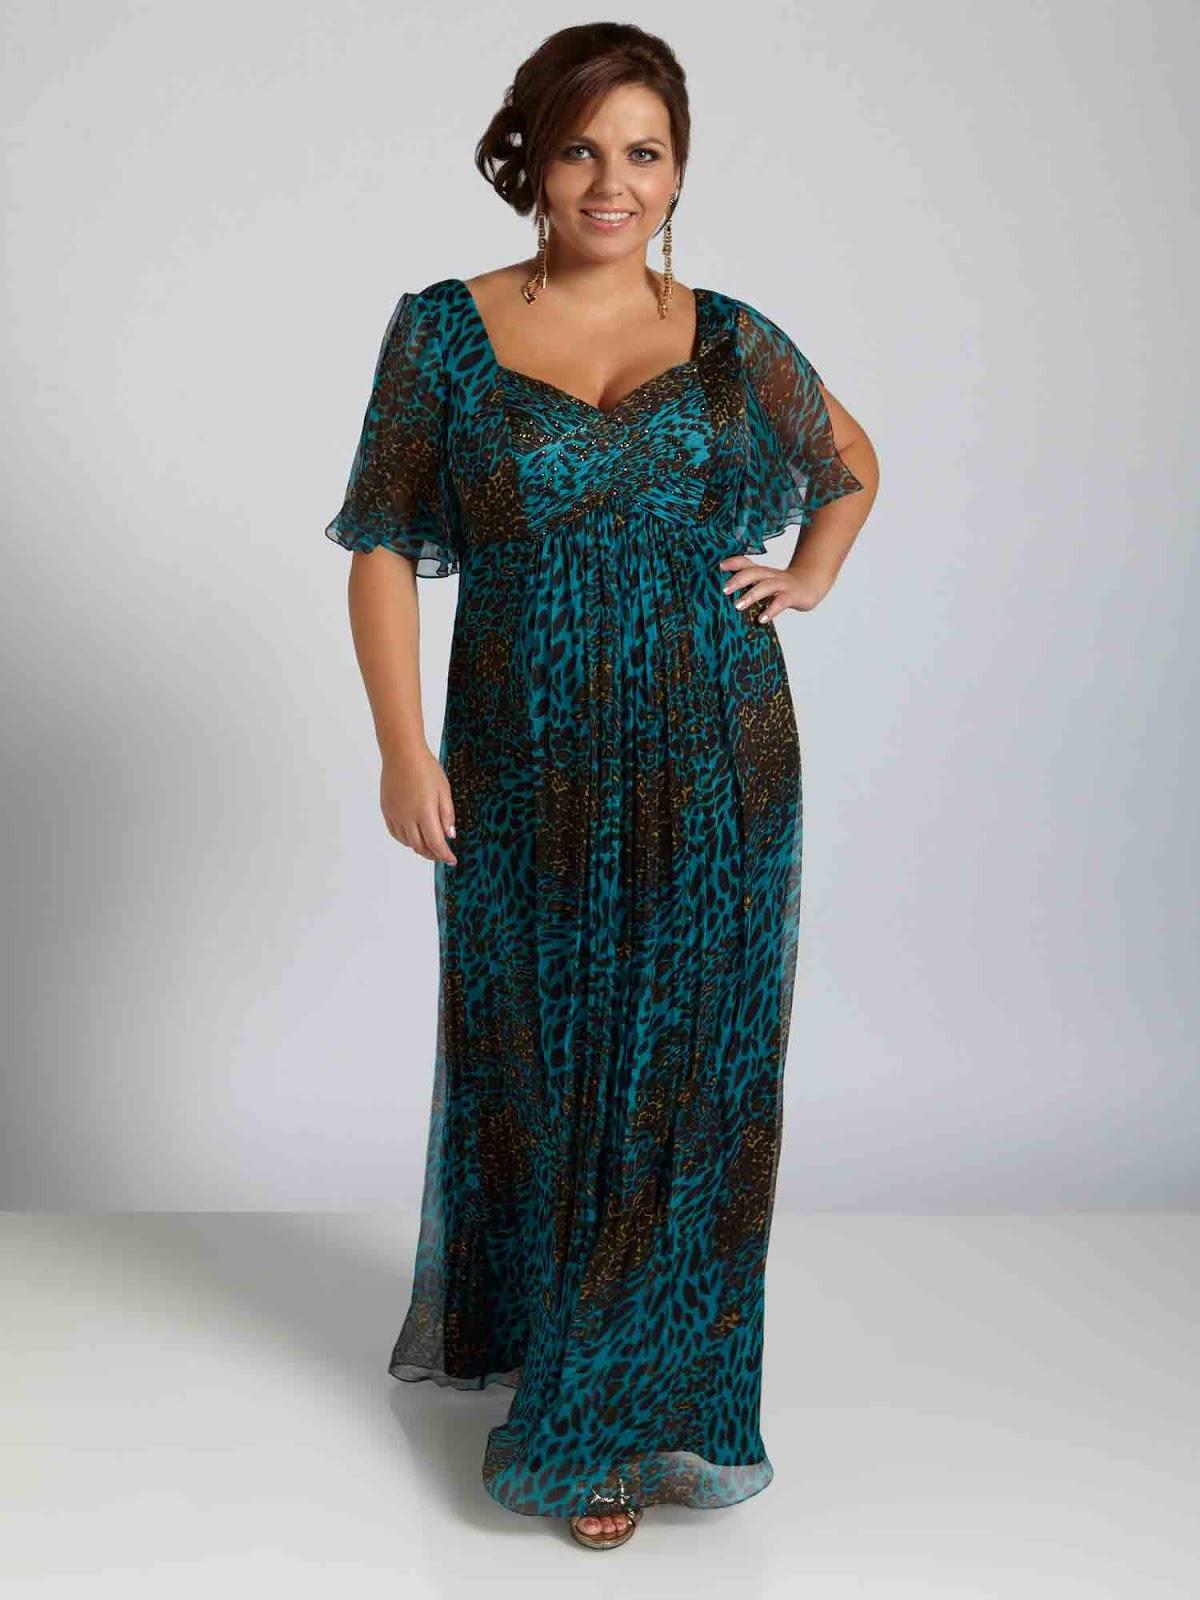 10 Schön Abendkleider Für Frauen DesignAbend Luxurius Abendkleider Für Frauen Bester Preis